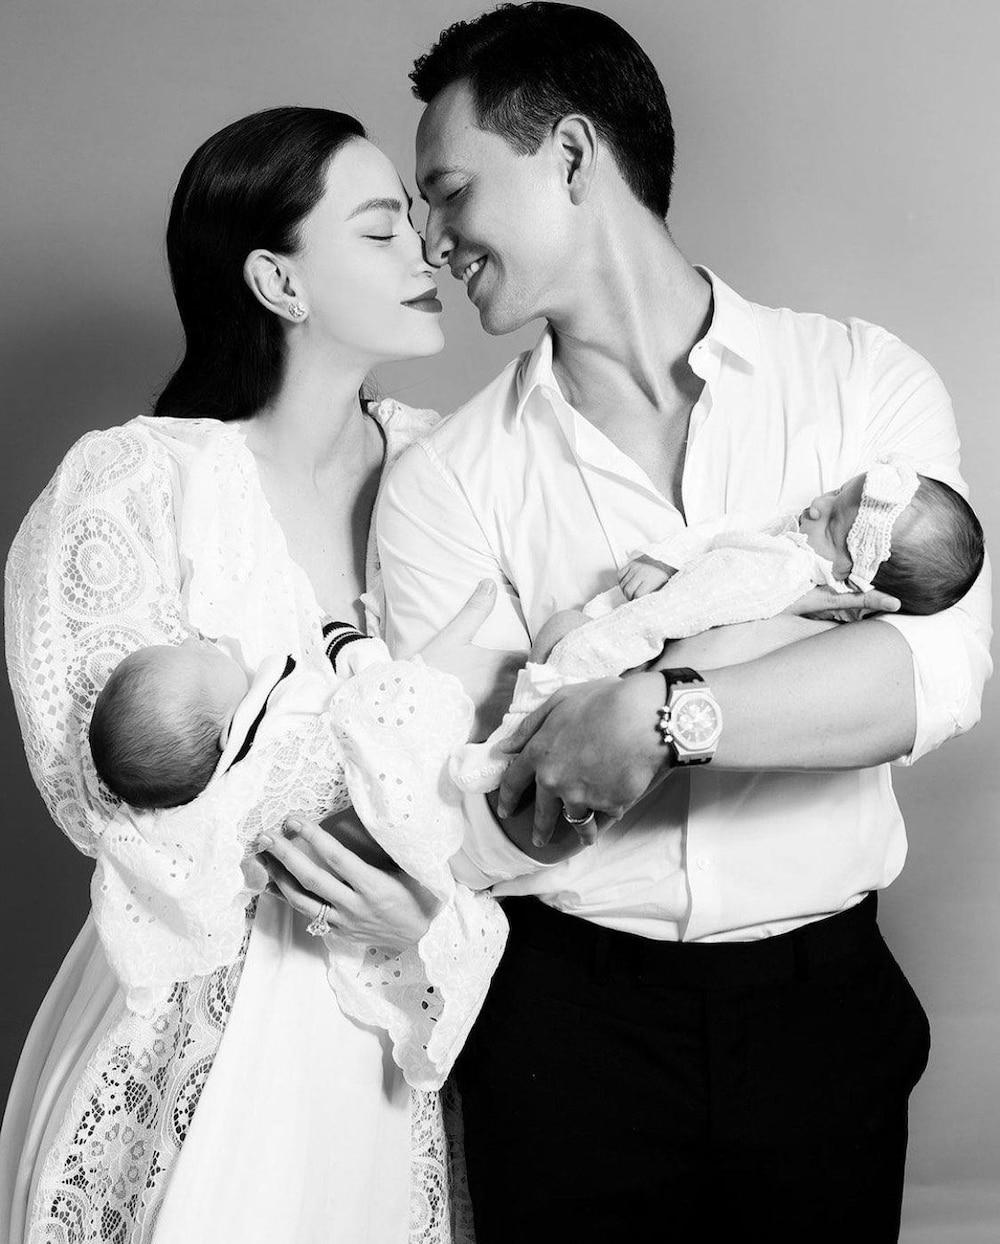 Hiện vợ chồng Kim Lý - Hồ Ngọc Hà tập trung thời gian chăm sóc hai thiên thần nhỏ